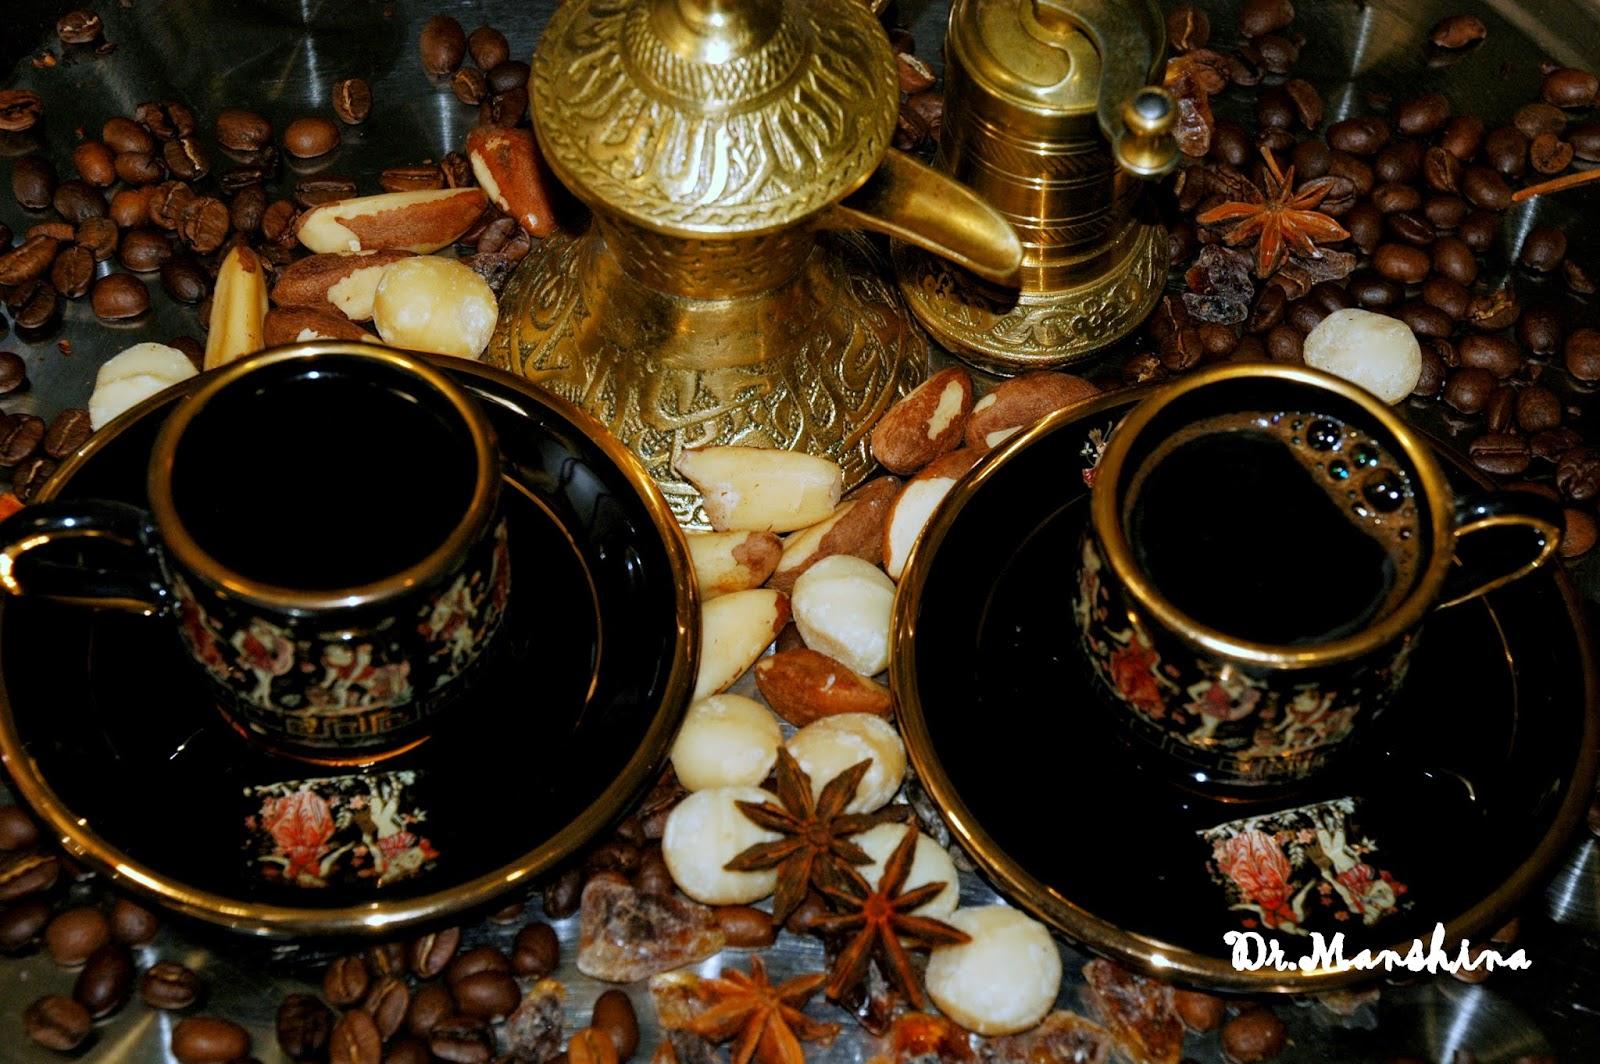 Три орешка для Золушки ~50-70 ккал. Этого достаточно, чтобы получить очень вкусное дополнение к чашке утреннего кофе, и к чаю  «5 o'clock».